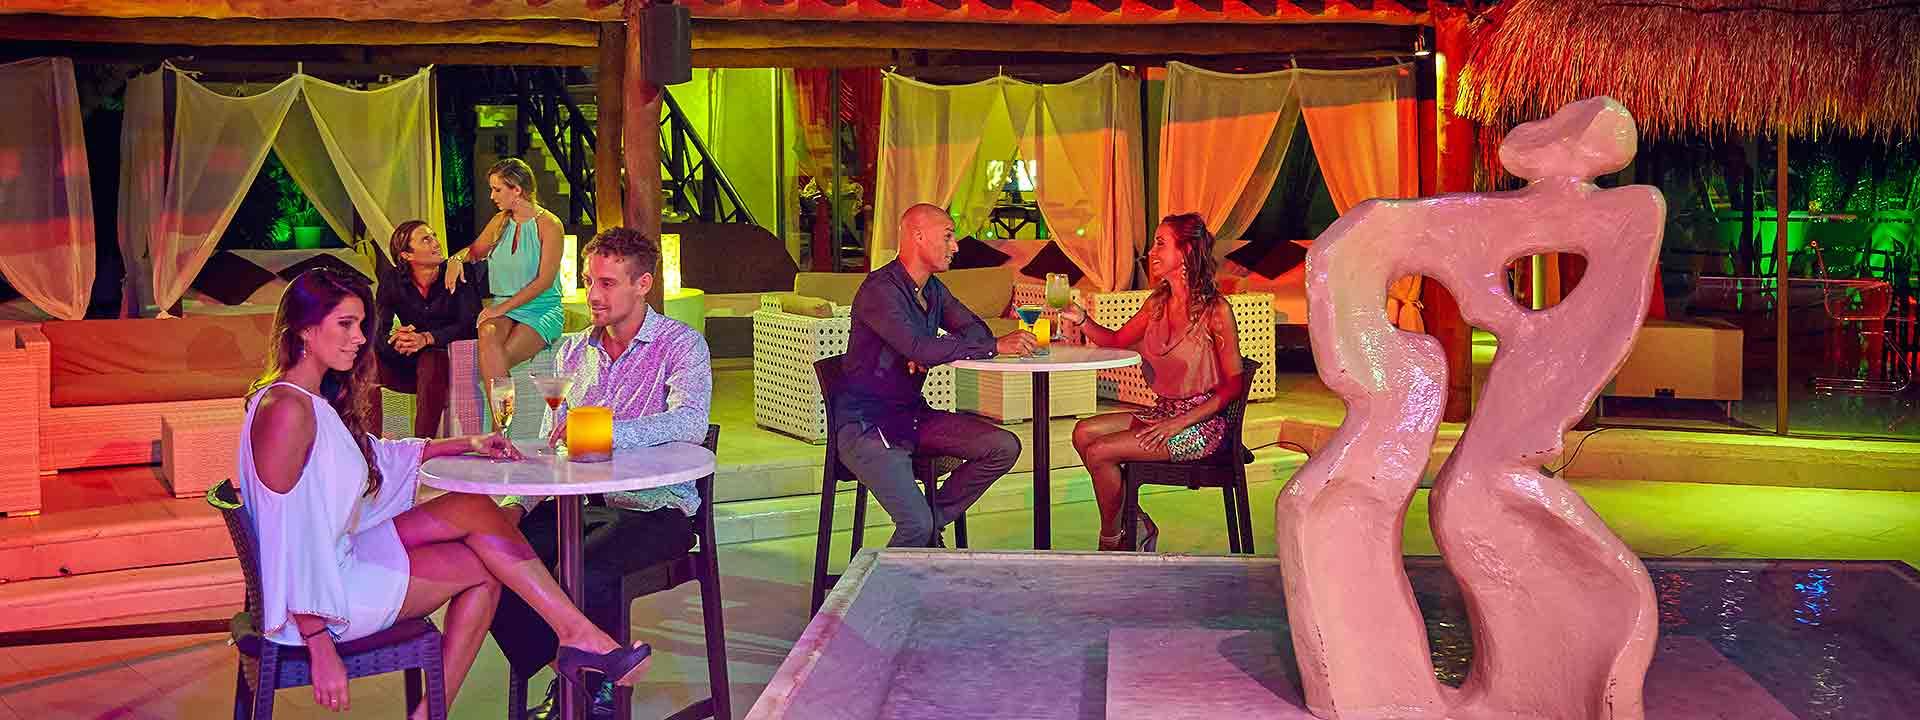 Desire Resort Riviera Maya Melange Lounge